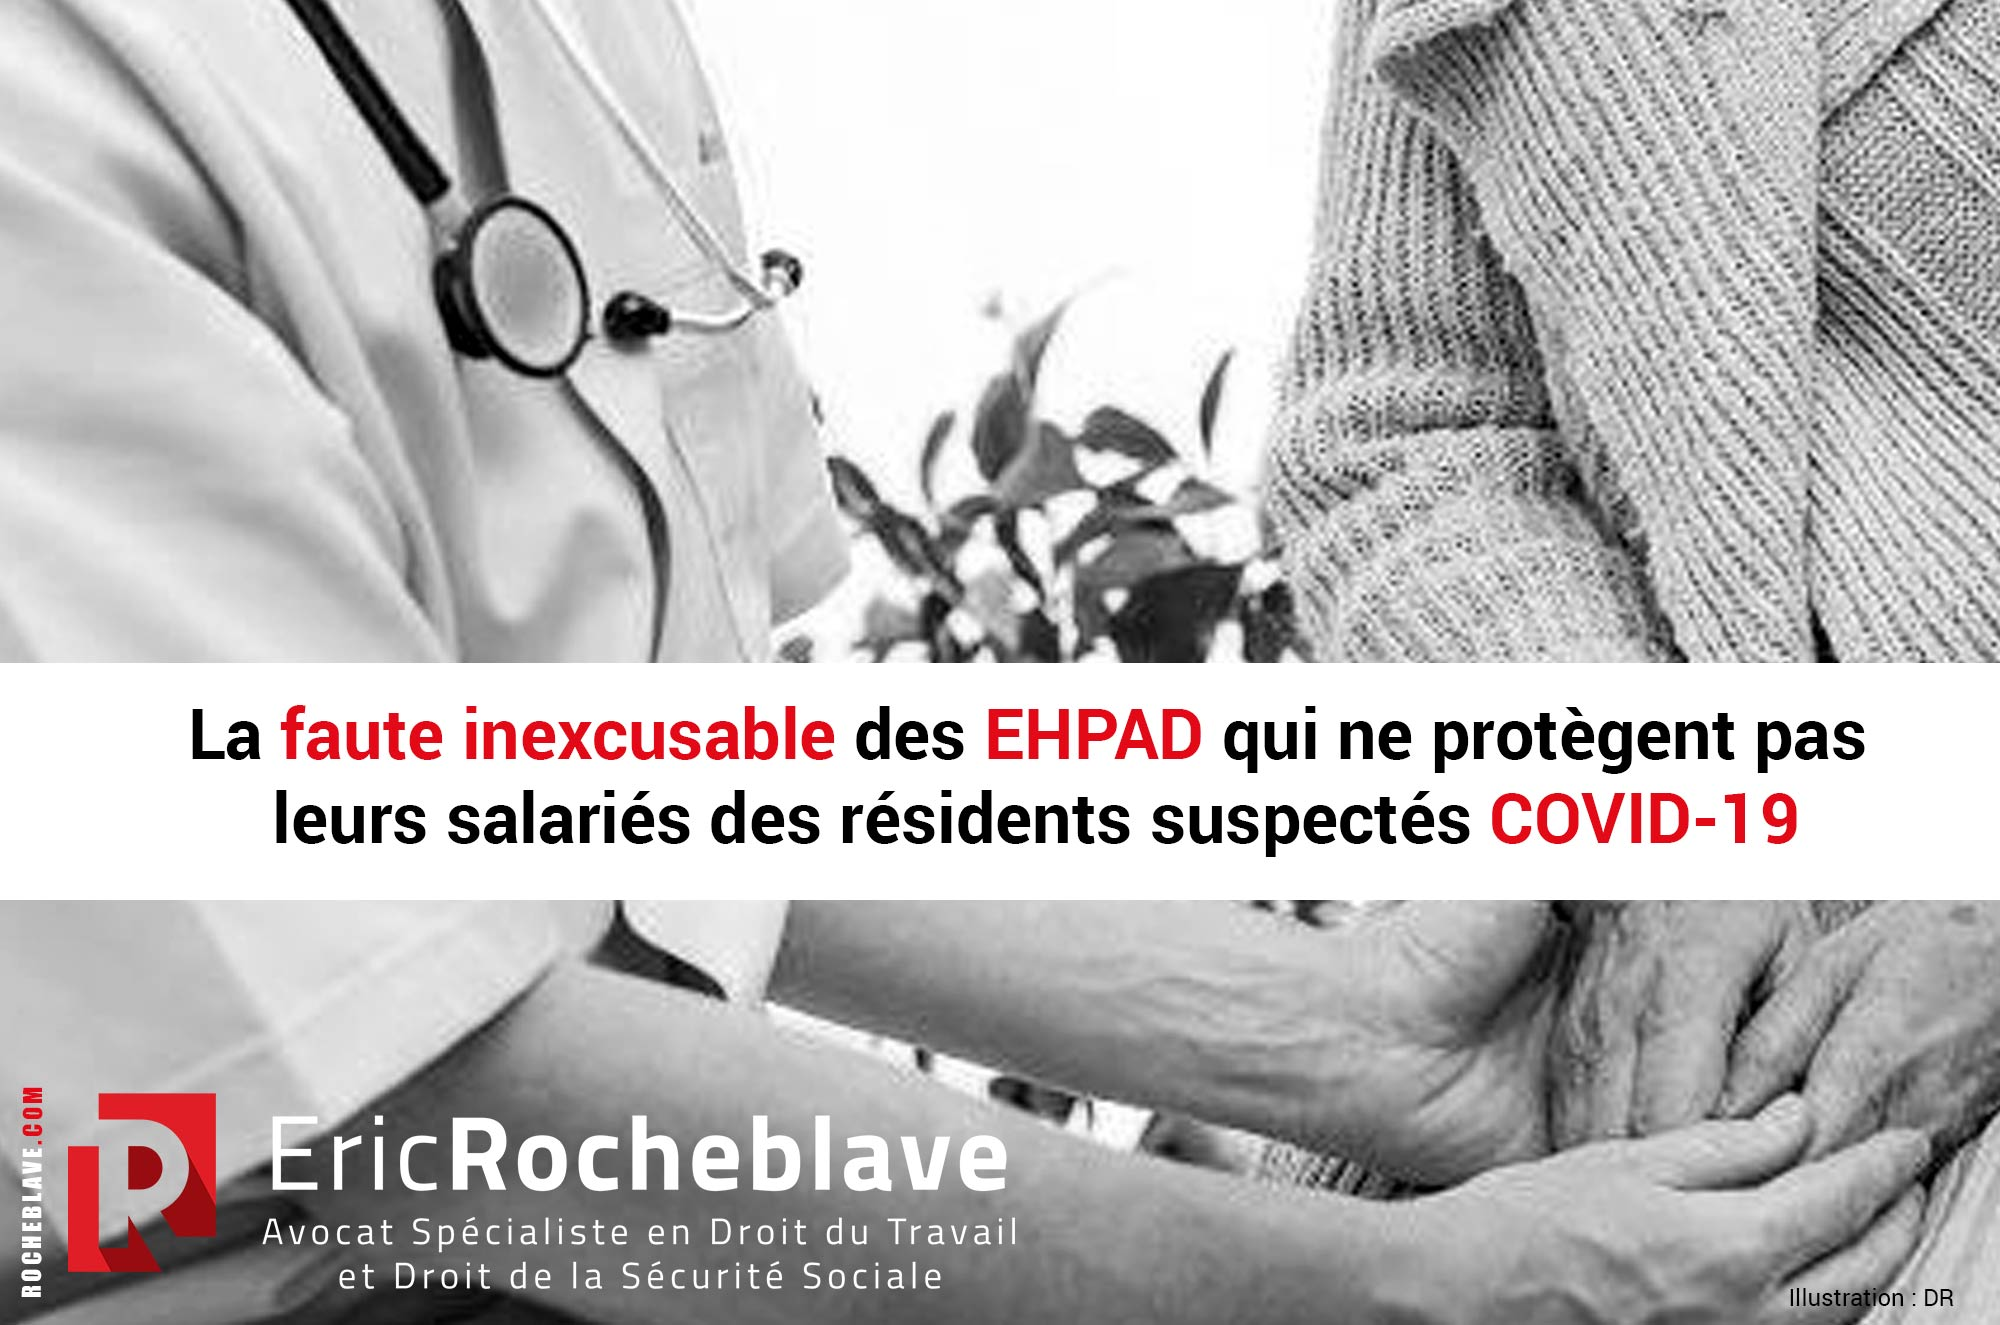 La faute inexcusable des EHPAD qui ne protègent pas leurs salariés des résidents suspectés COVID-19